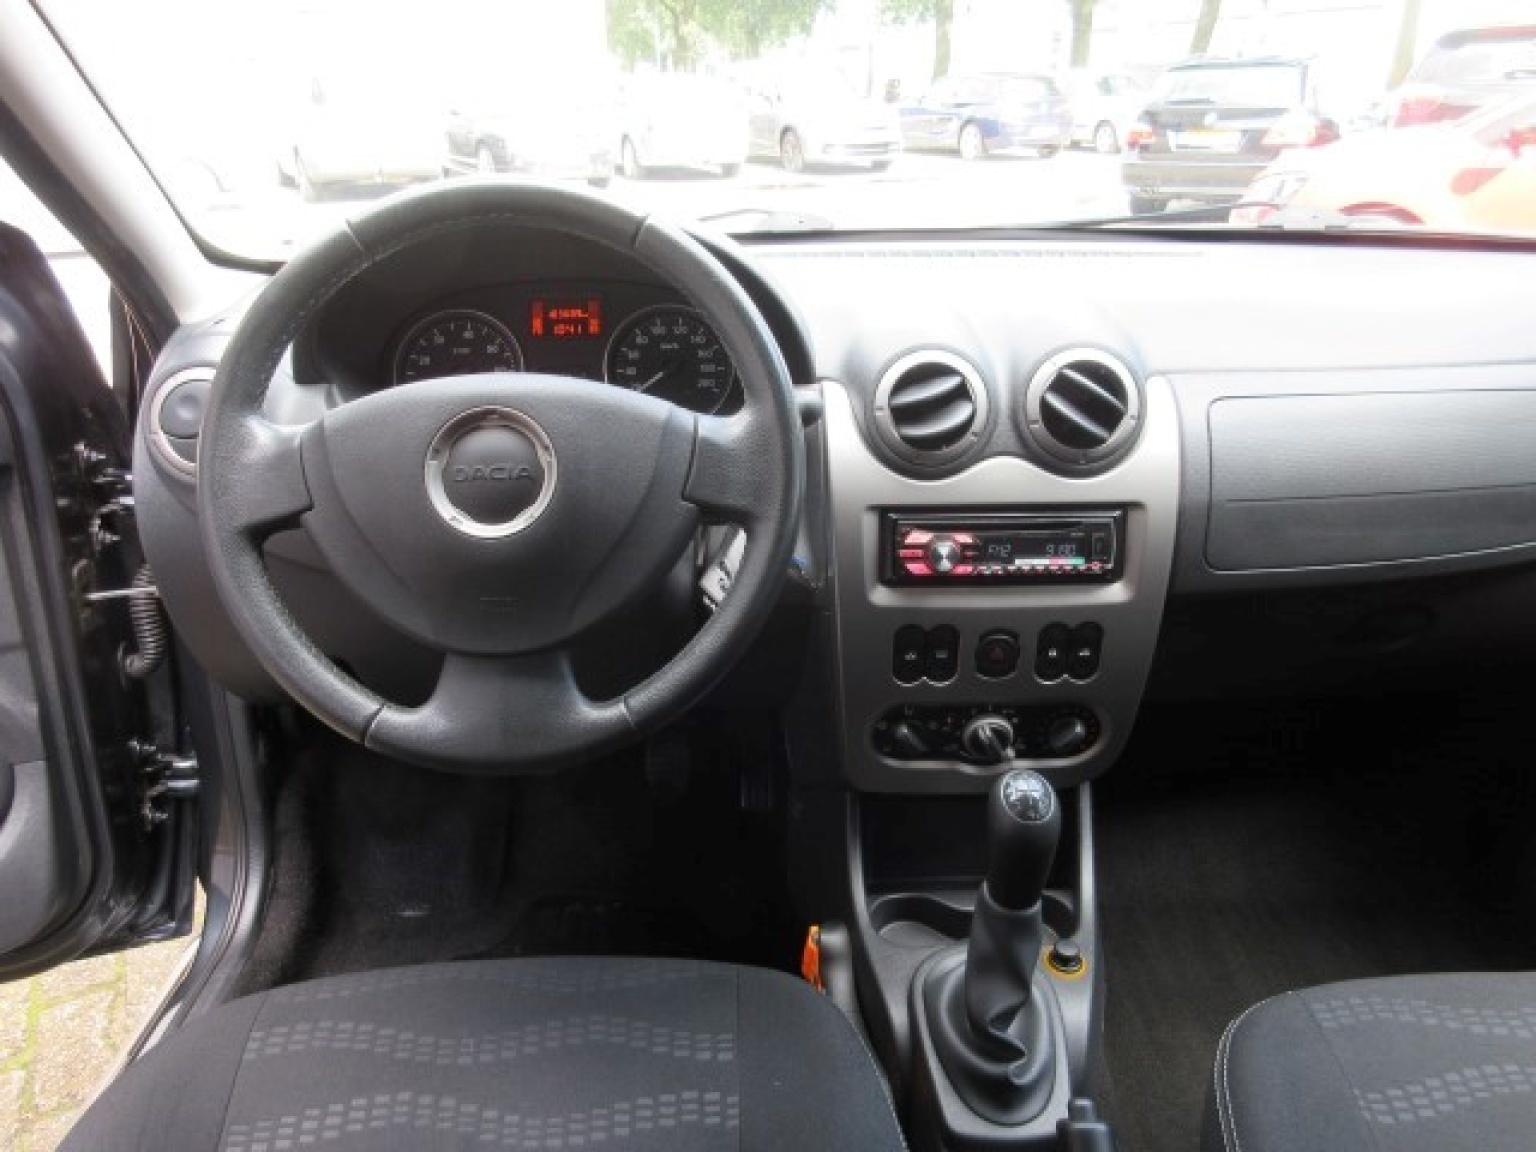 Dacia-Sandero-13